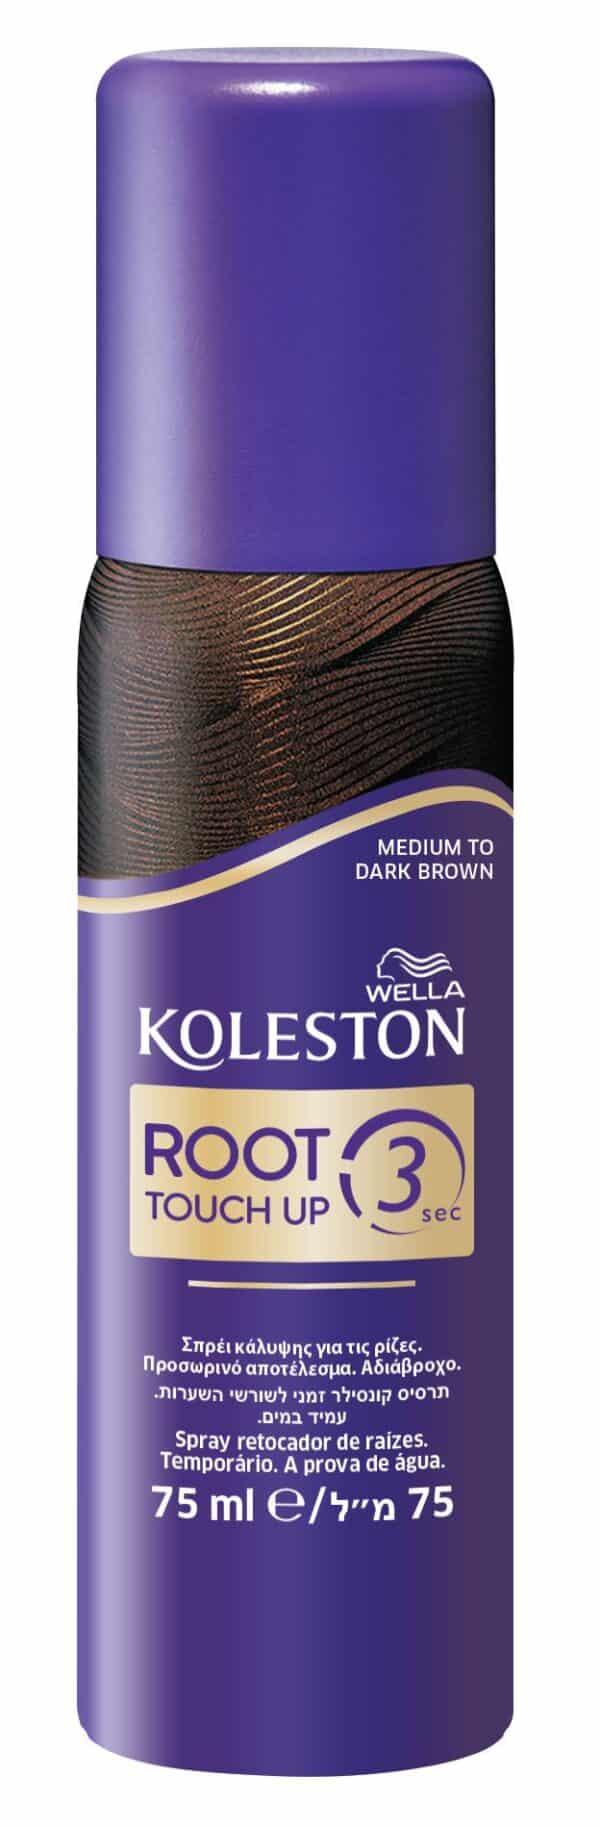 koleston root touch up 3 spray skouro kastano